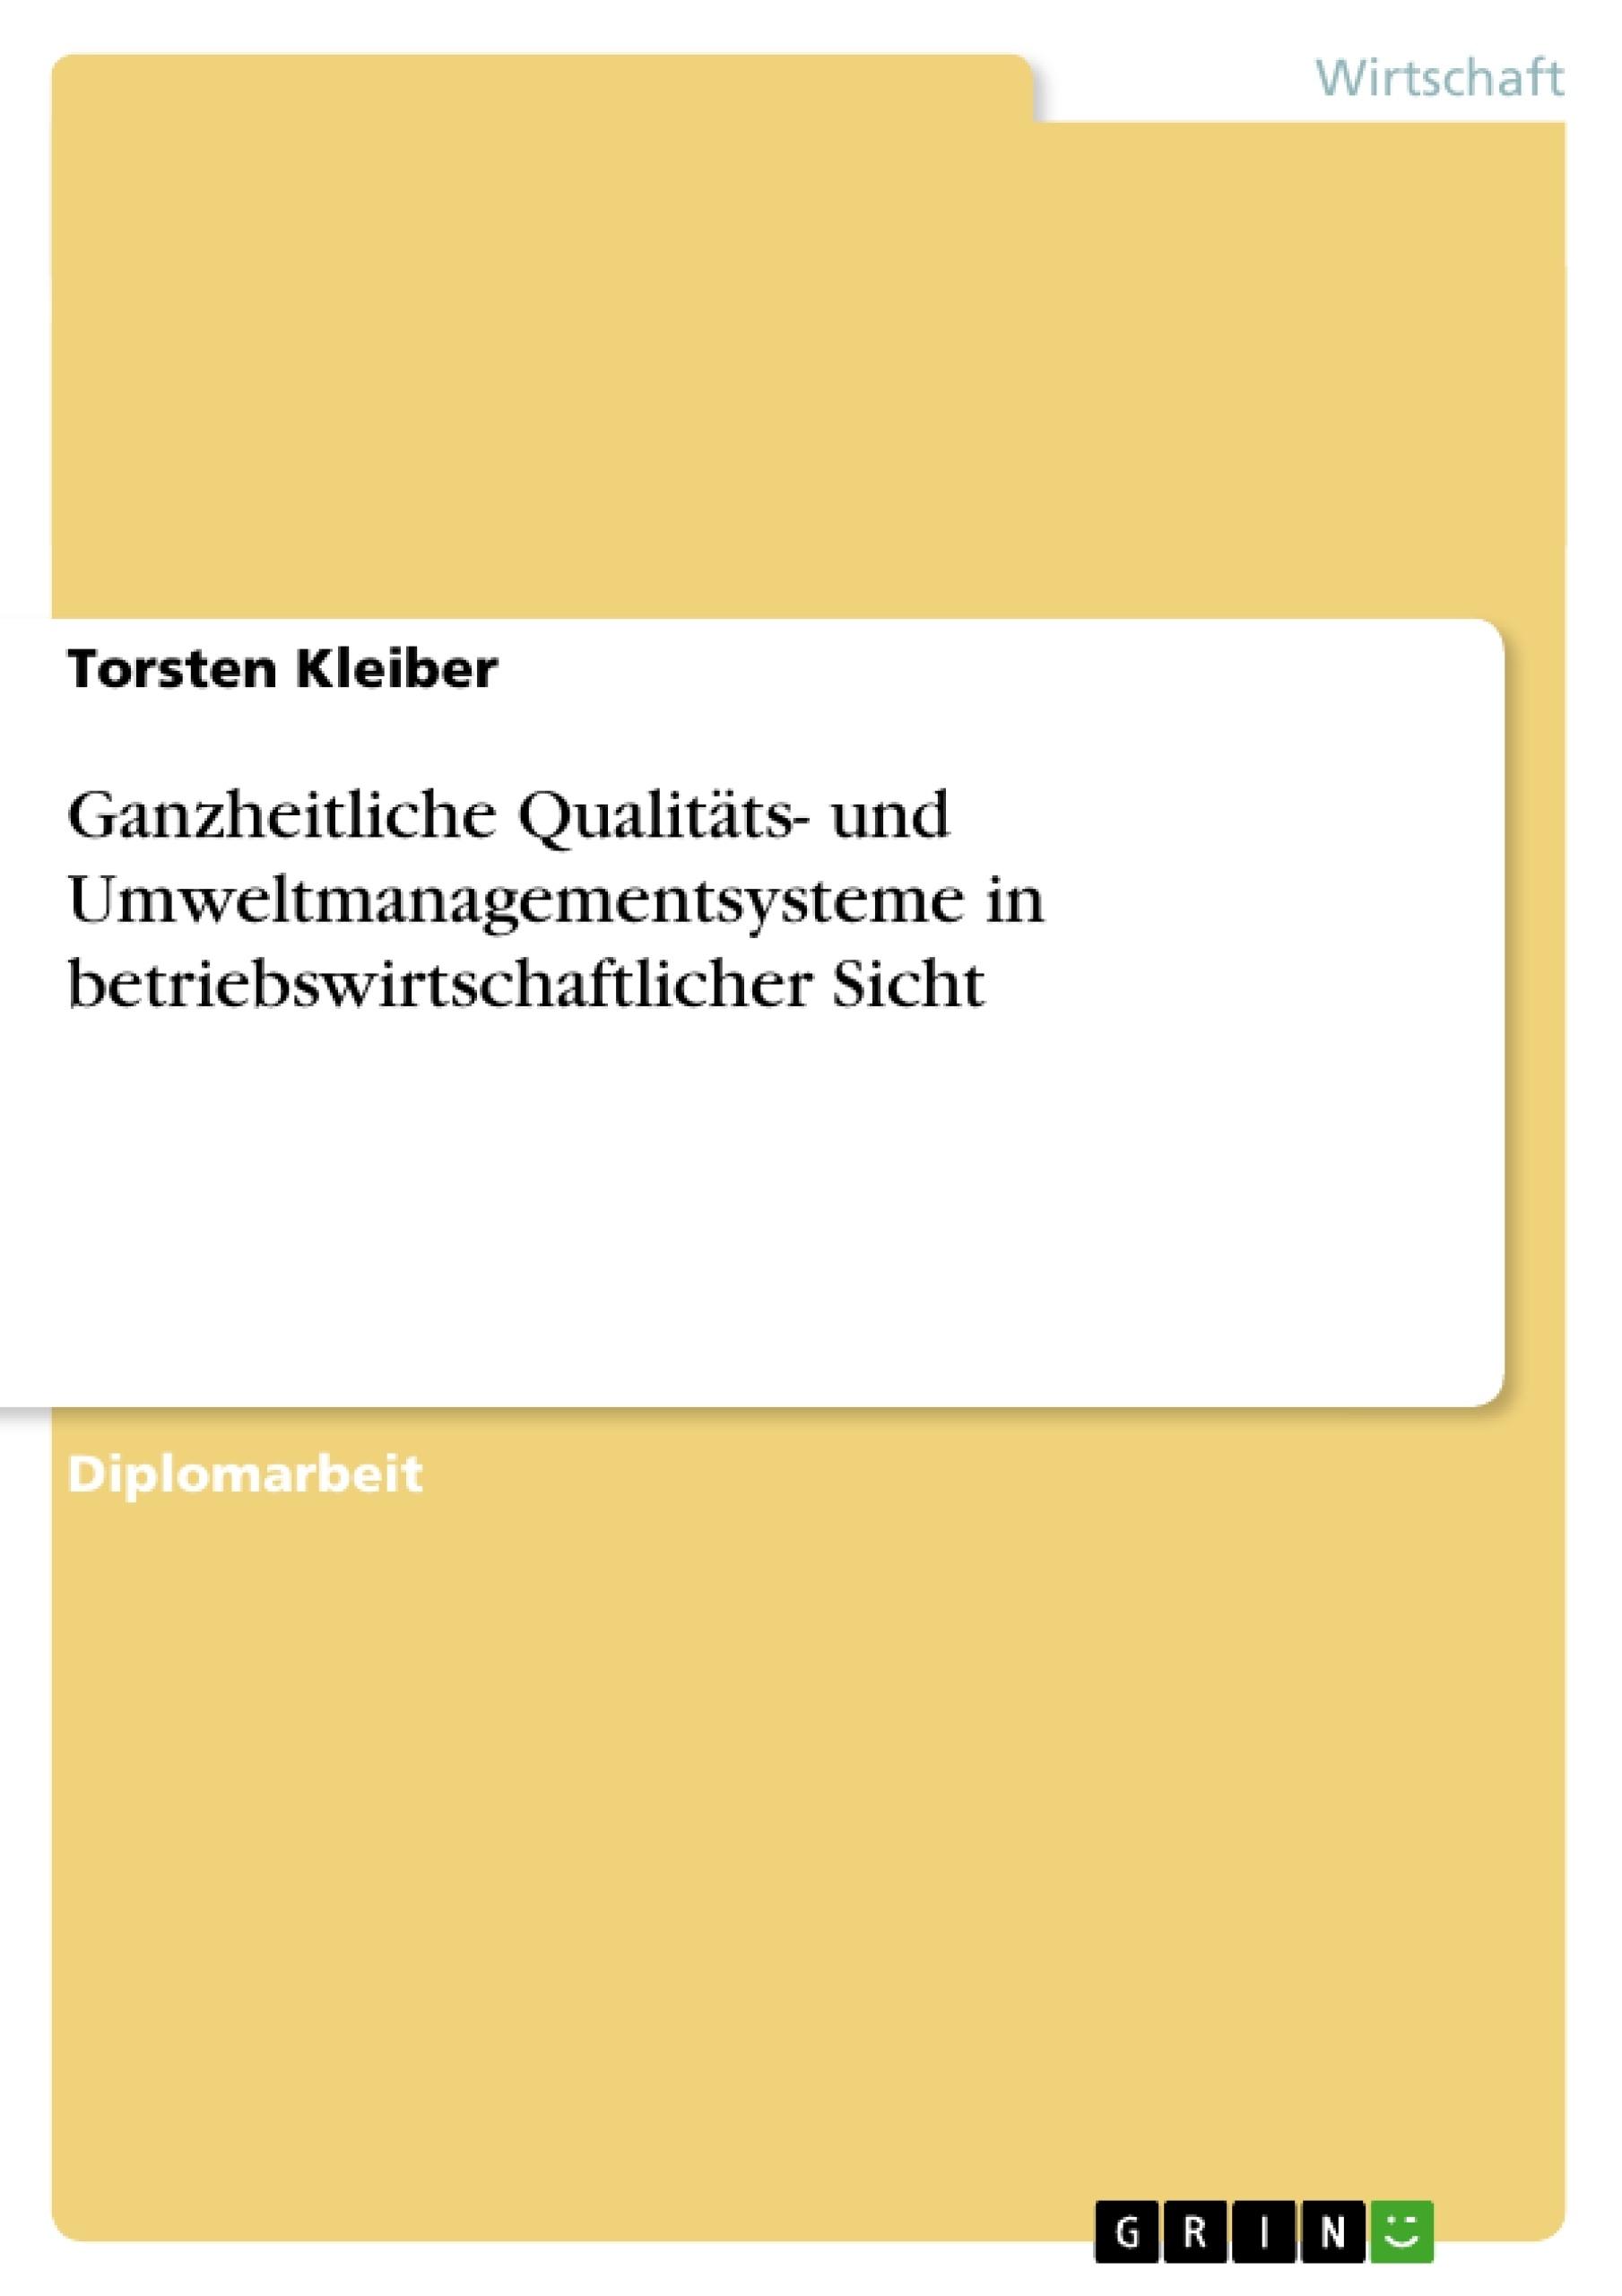 Titel: Ganzheitliche Qualitäts- und Umweltmanagementsysteme in betriebswirtschaftlicher Sicht